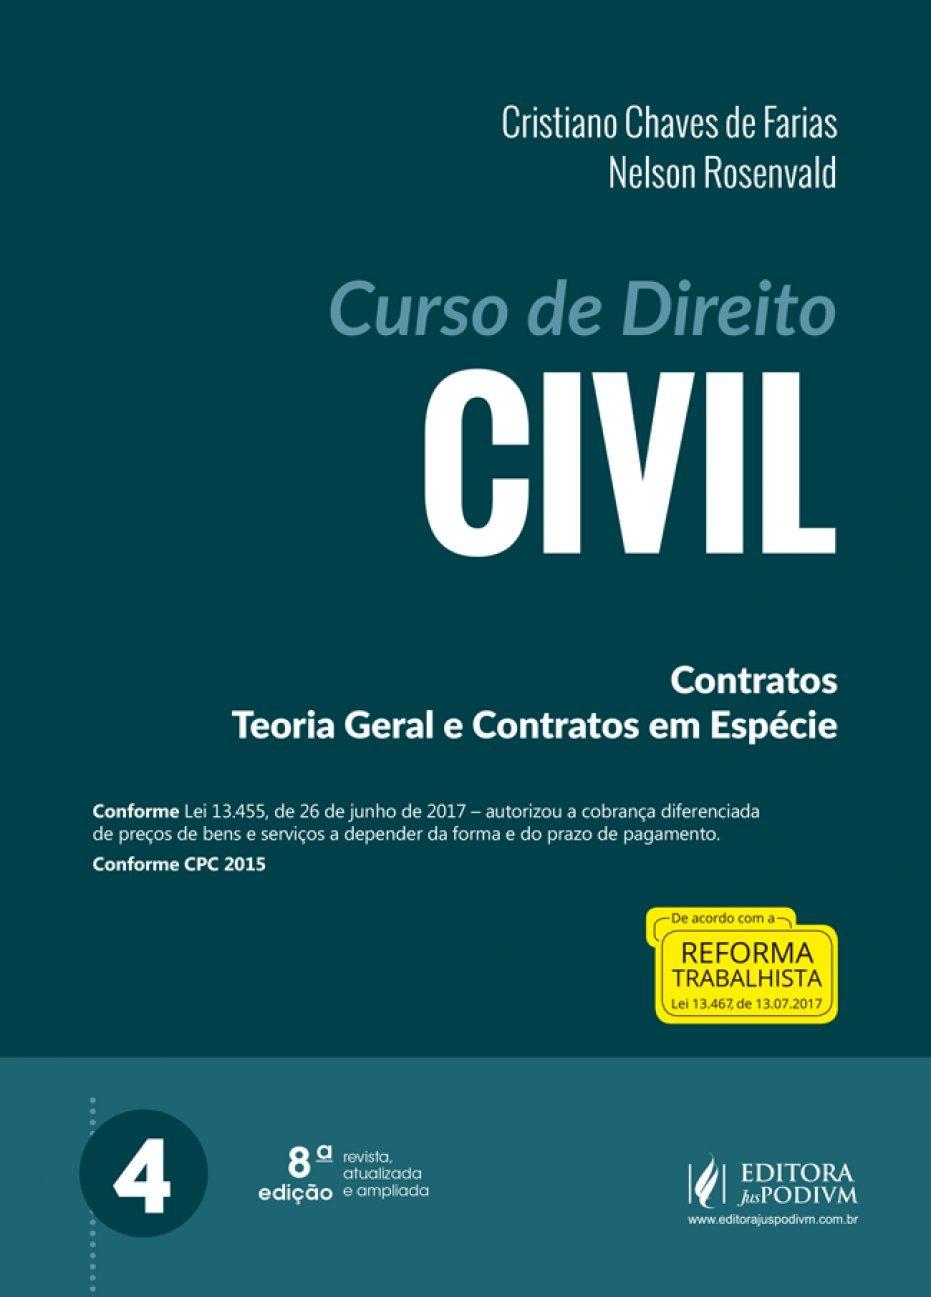 Curso de direito civil - contratos teoria geral e contratos em espécie